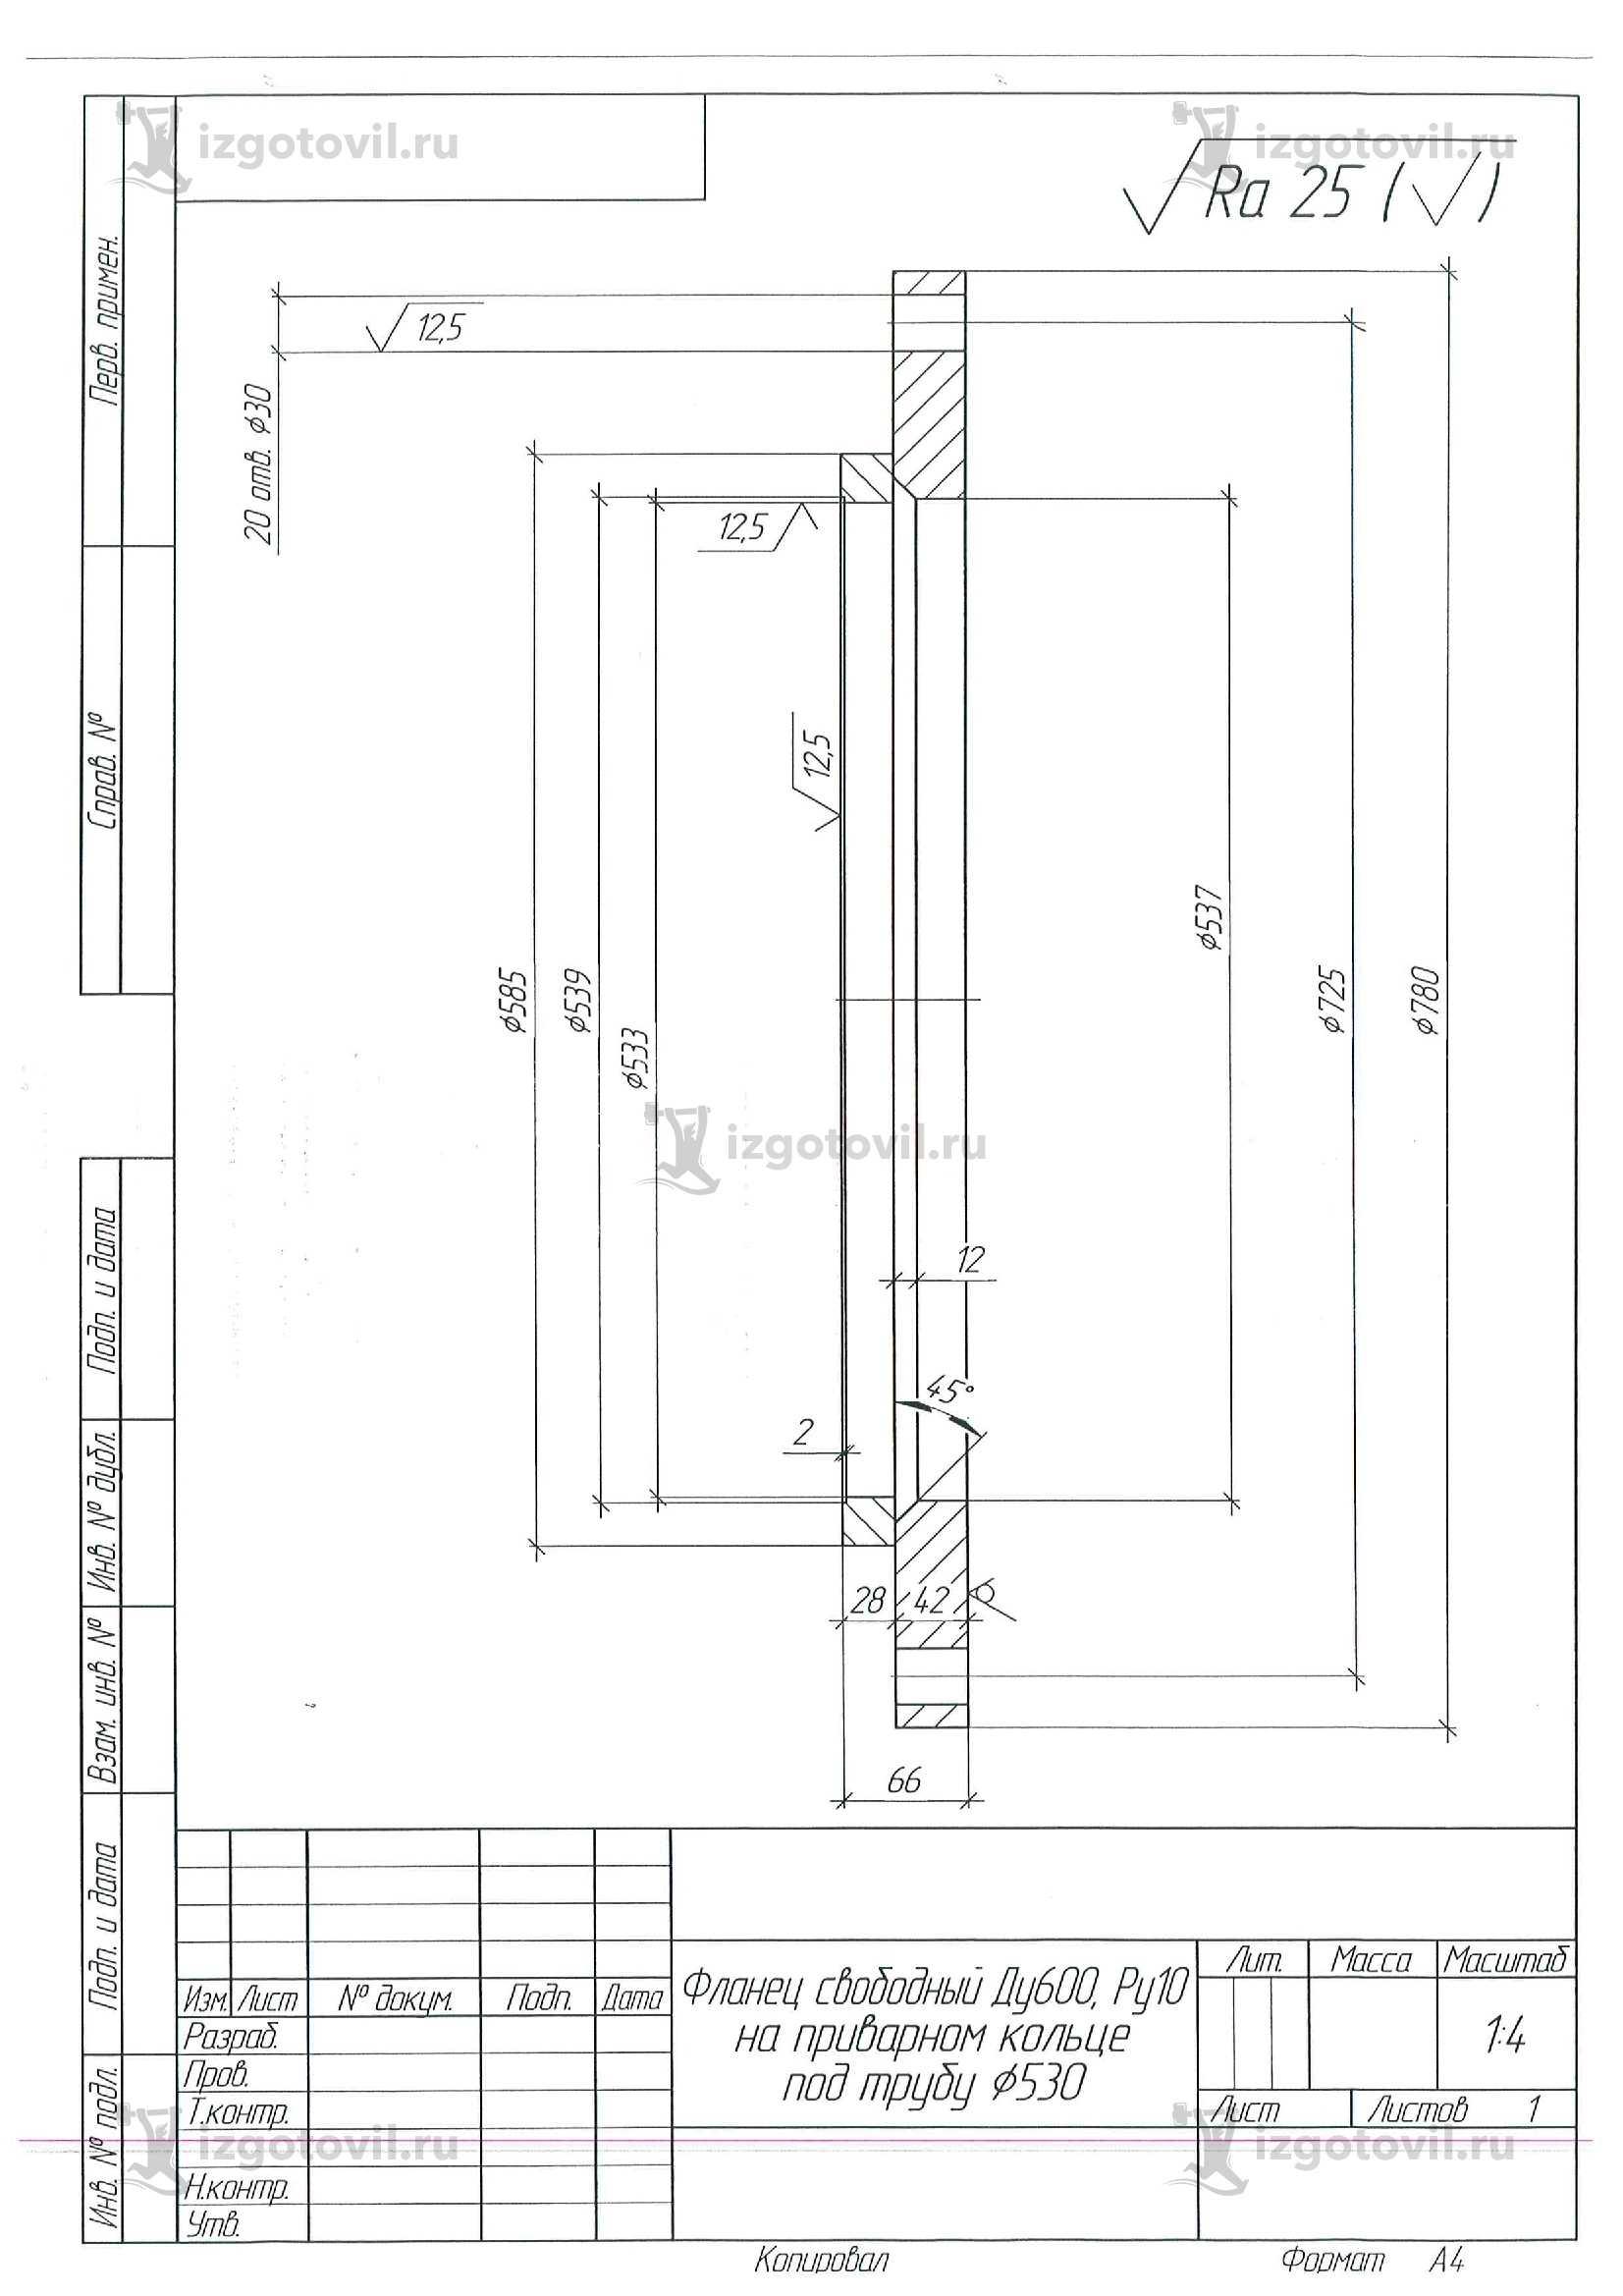 Изготовление деталей по чертежам (фланцы).